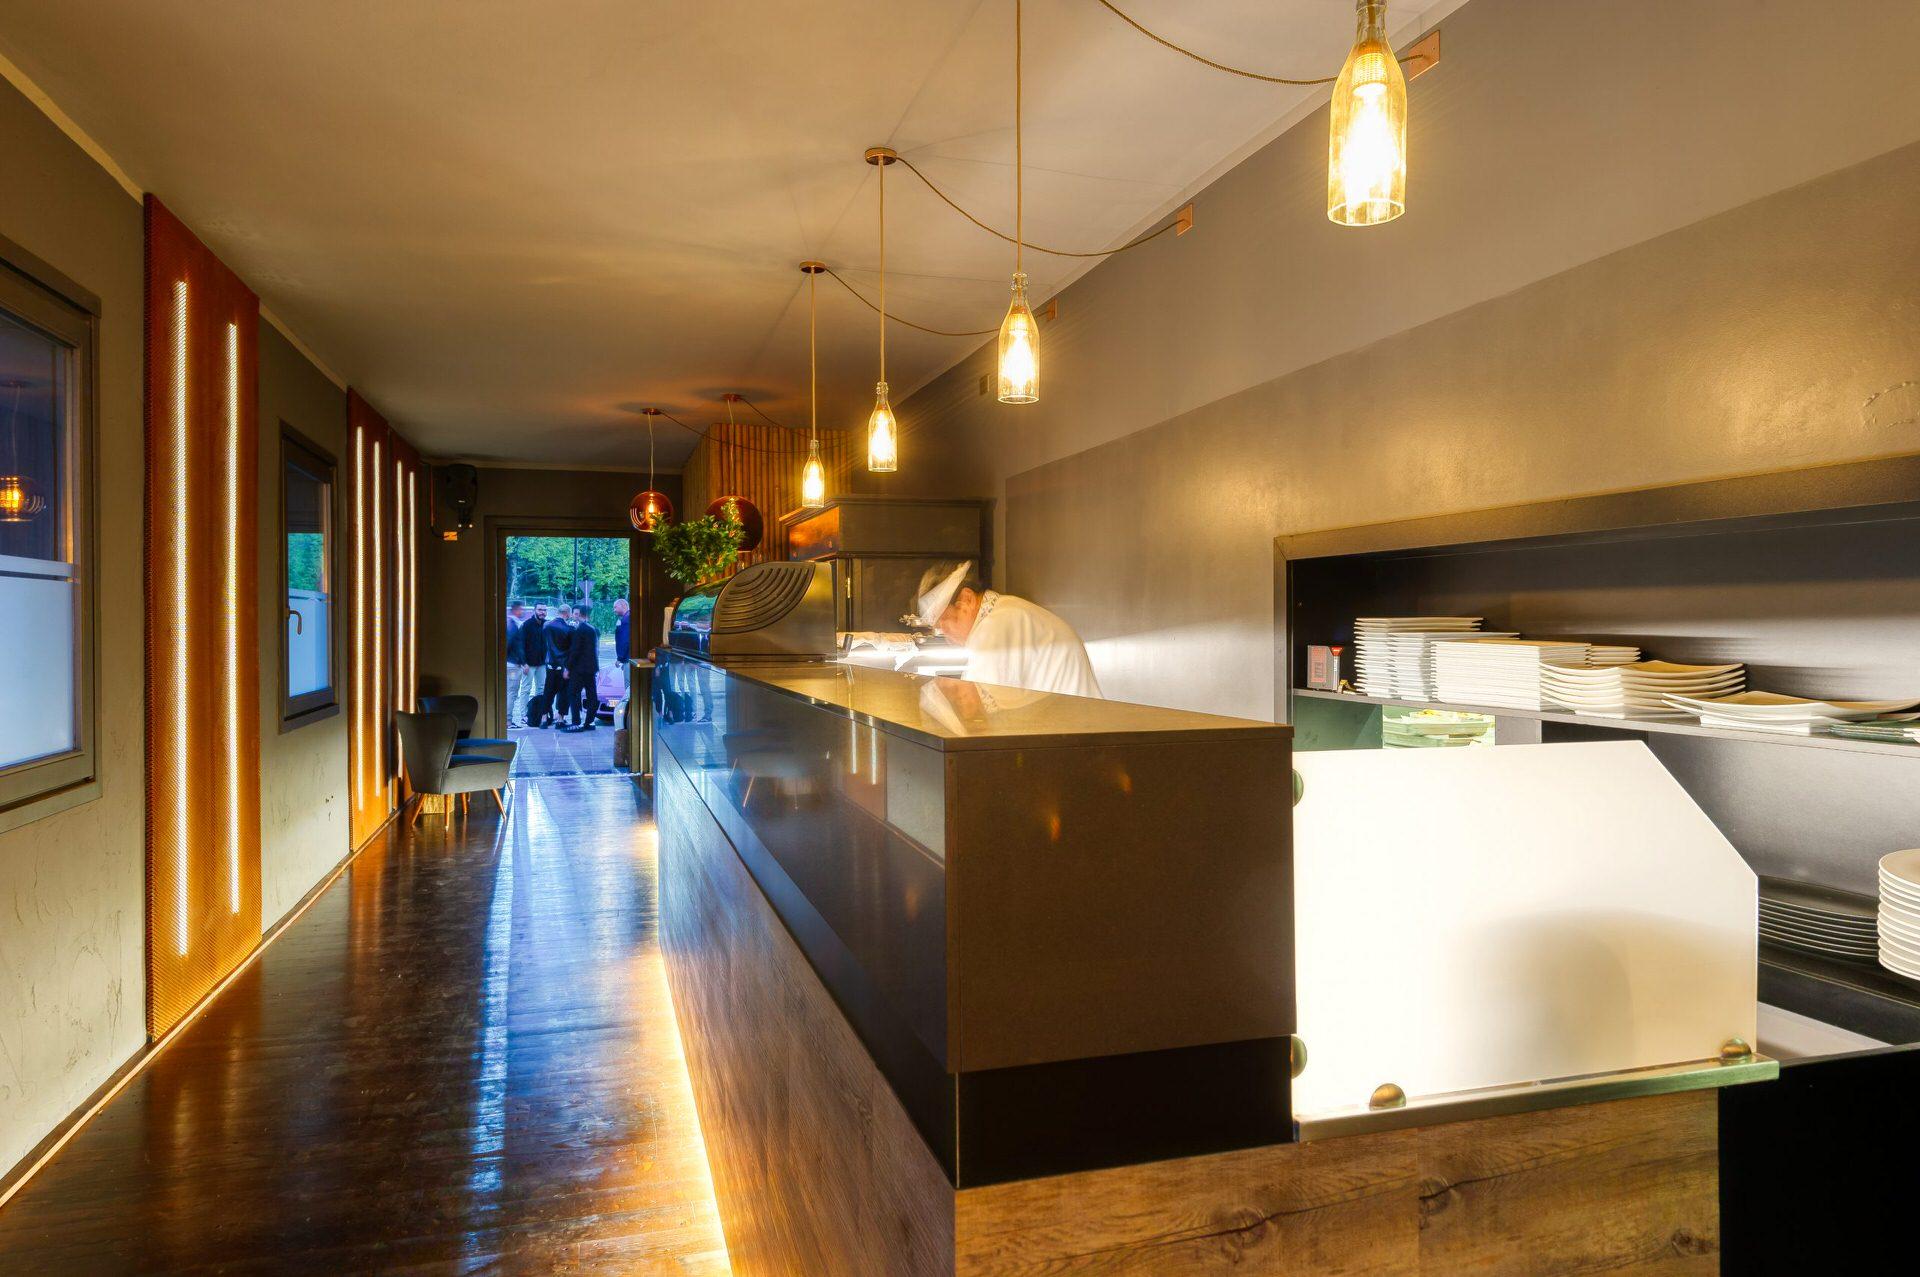 Fotografie professionali interni ristorante Brescia